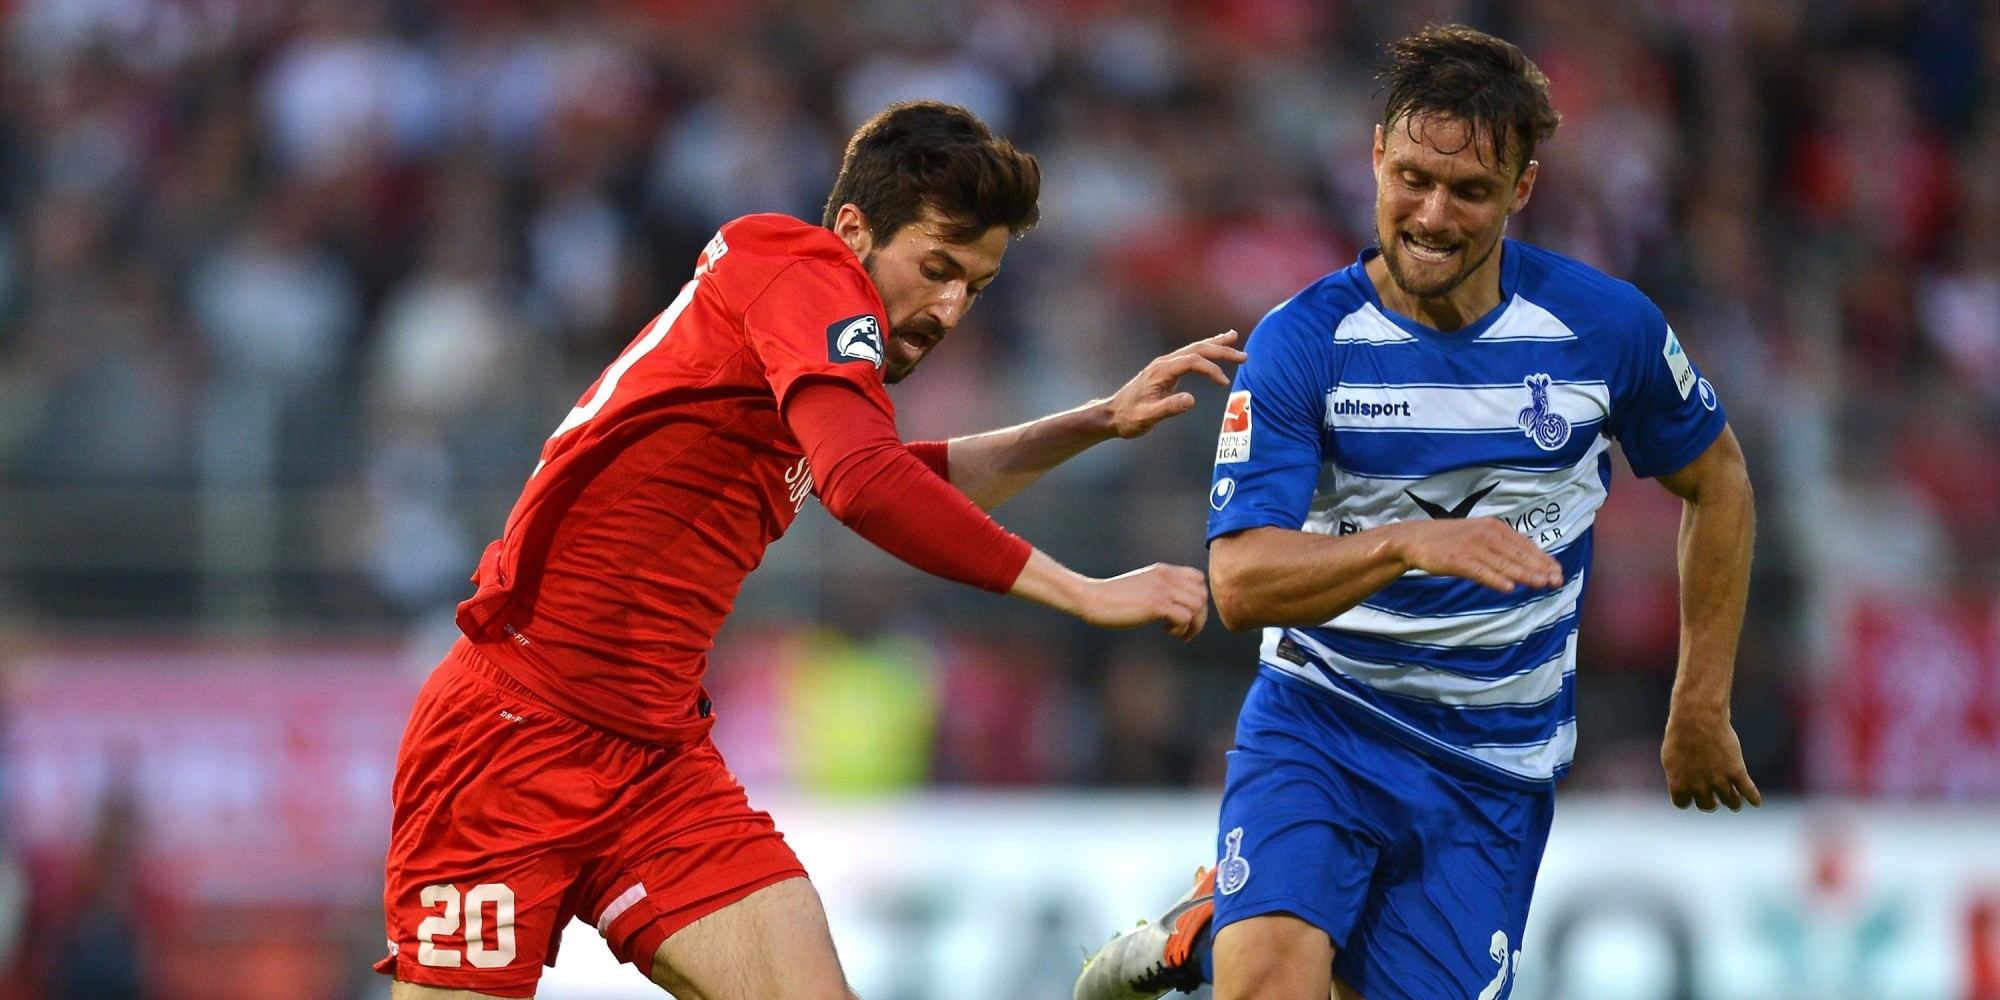 duisburg würzburg relegation